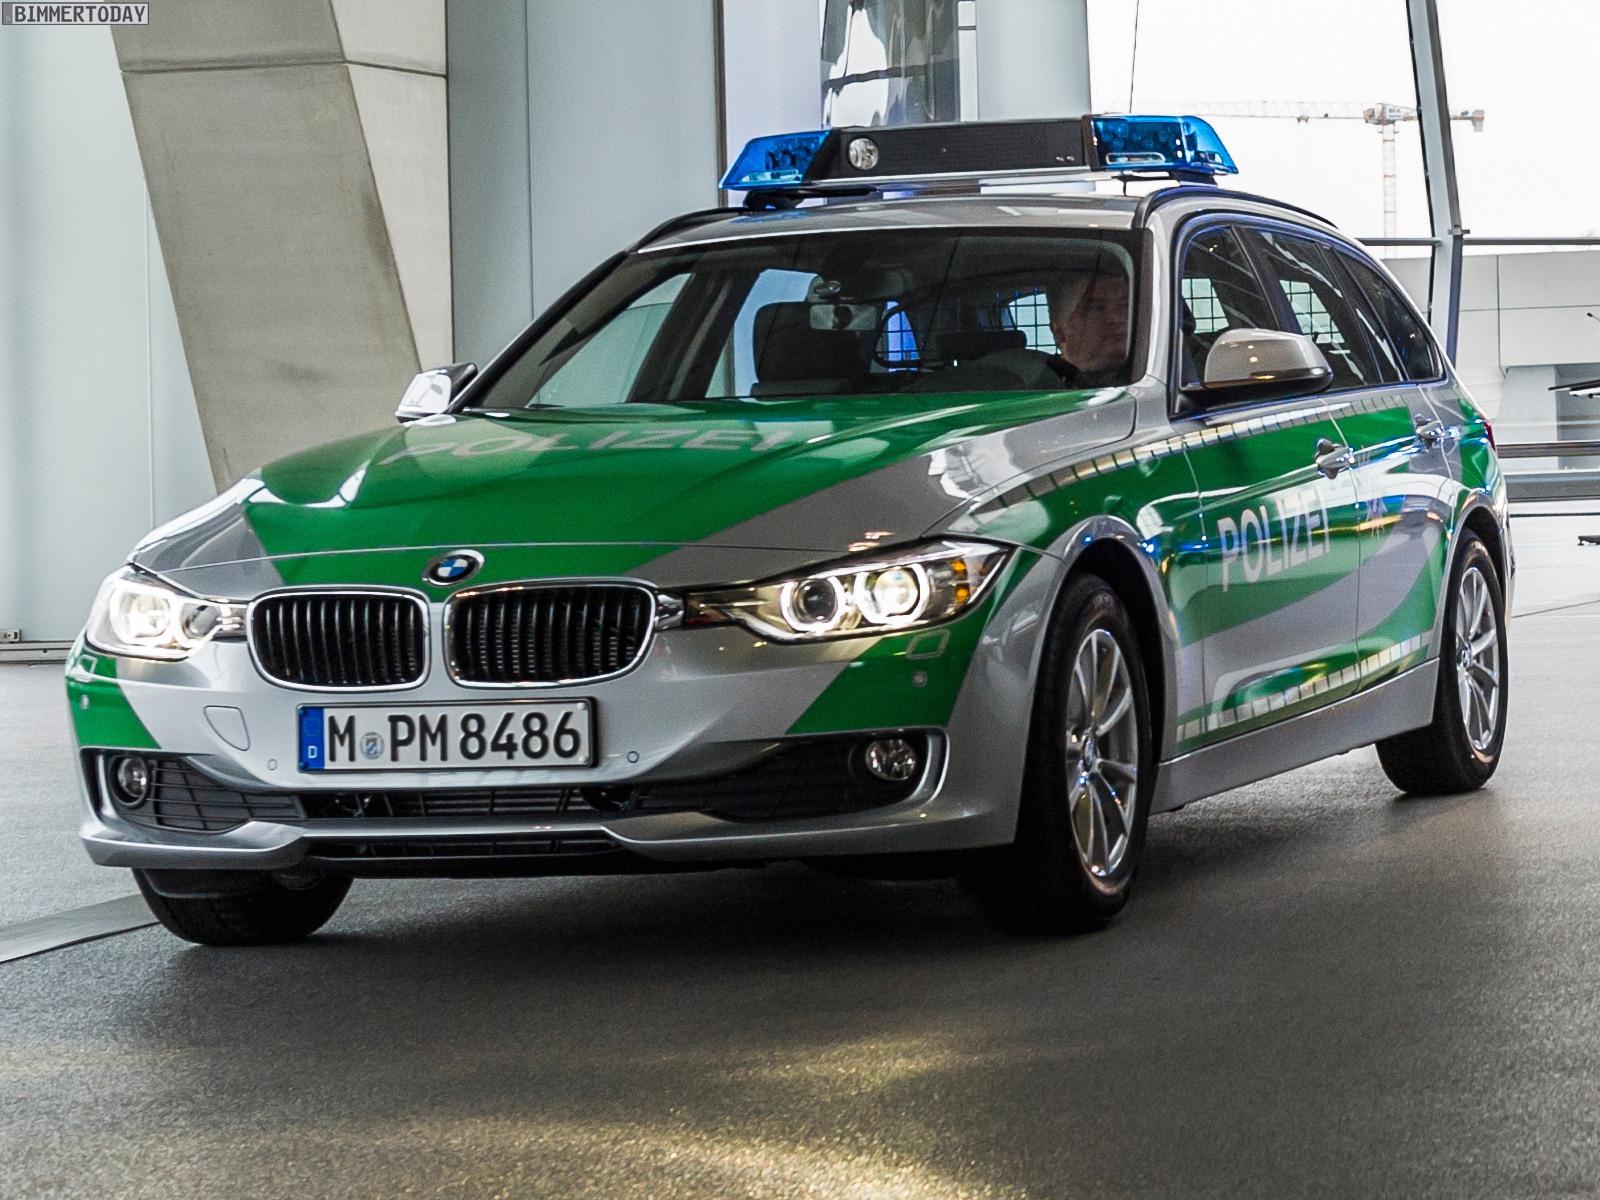 BMW 3er Touring F31 Polizei 2012 Bayern X3 F25 Einsatzfahrzeug Wallpaper Backgrounds